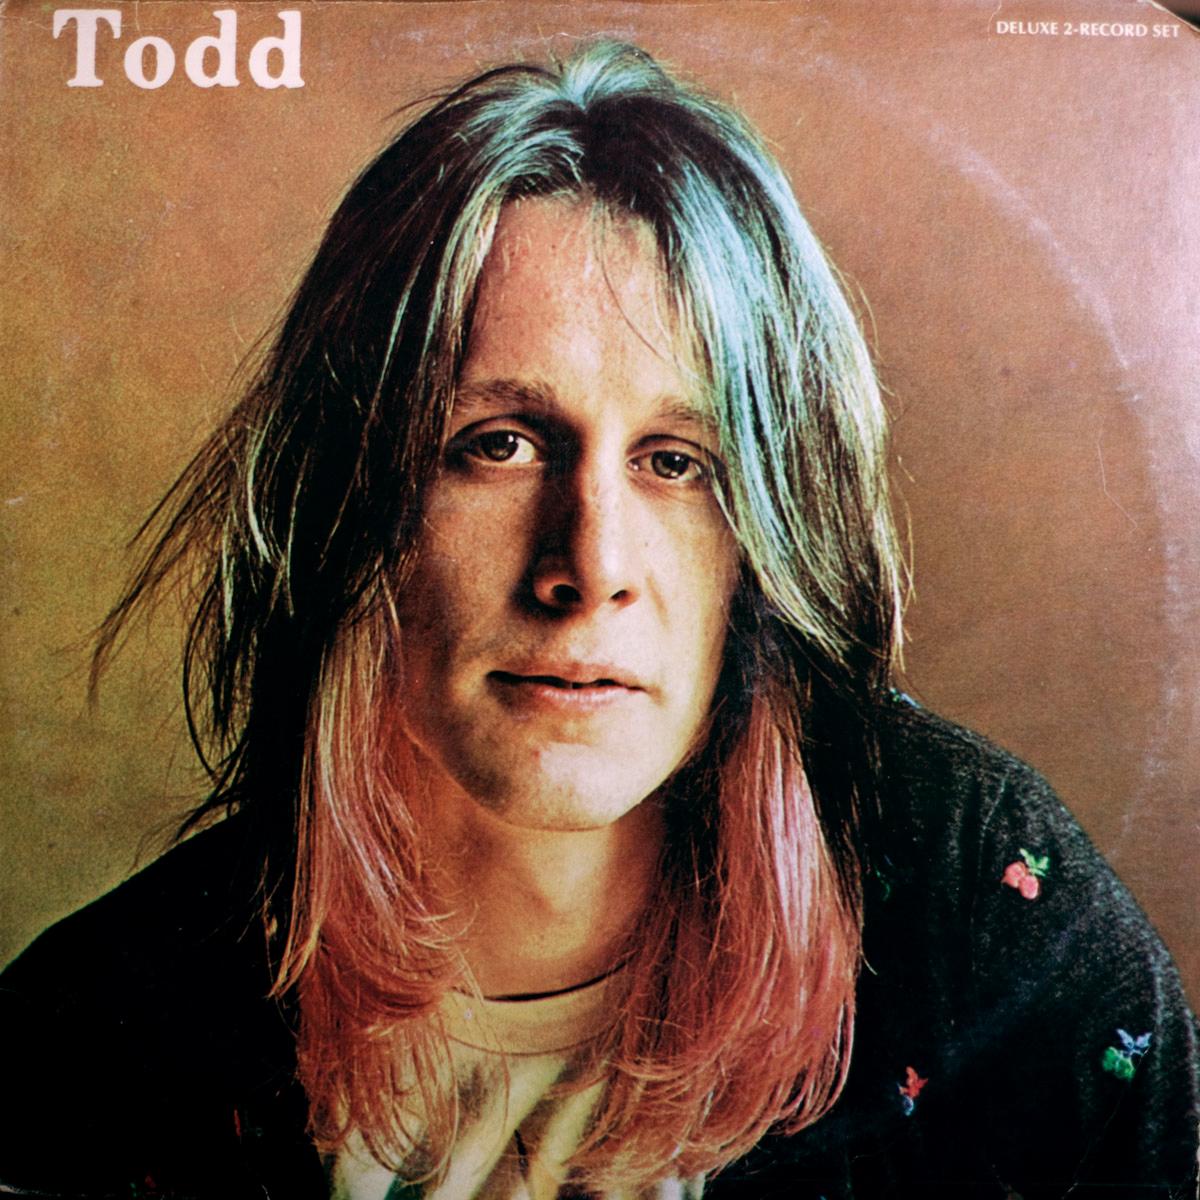 http://1.bp.blogspot.com/-XiHNuvHmnbk/TgLUH0RdV2I/AAAAAAAAAj0/Fks5mHp_R5A/s1600/Todd+Rundgren+1974.jpg